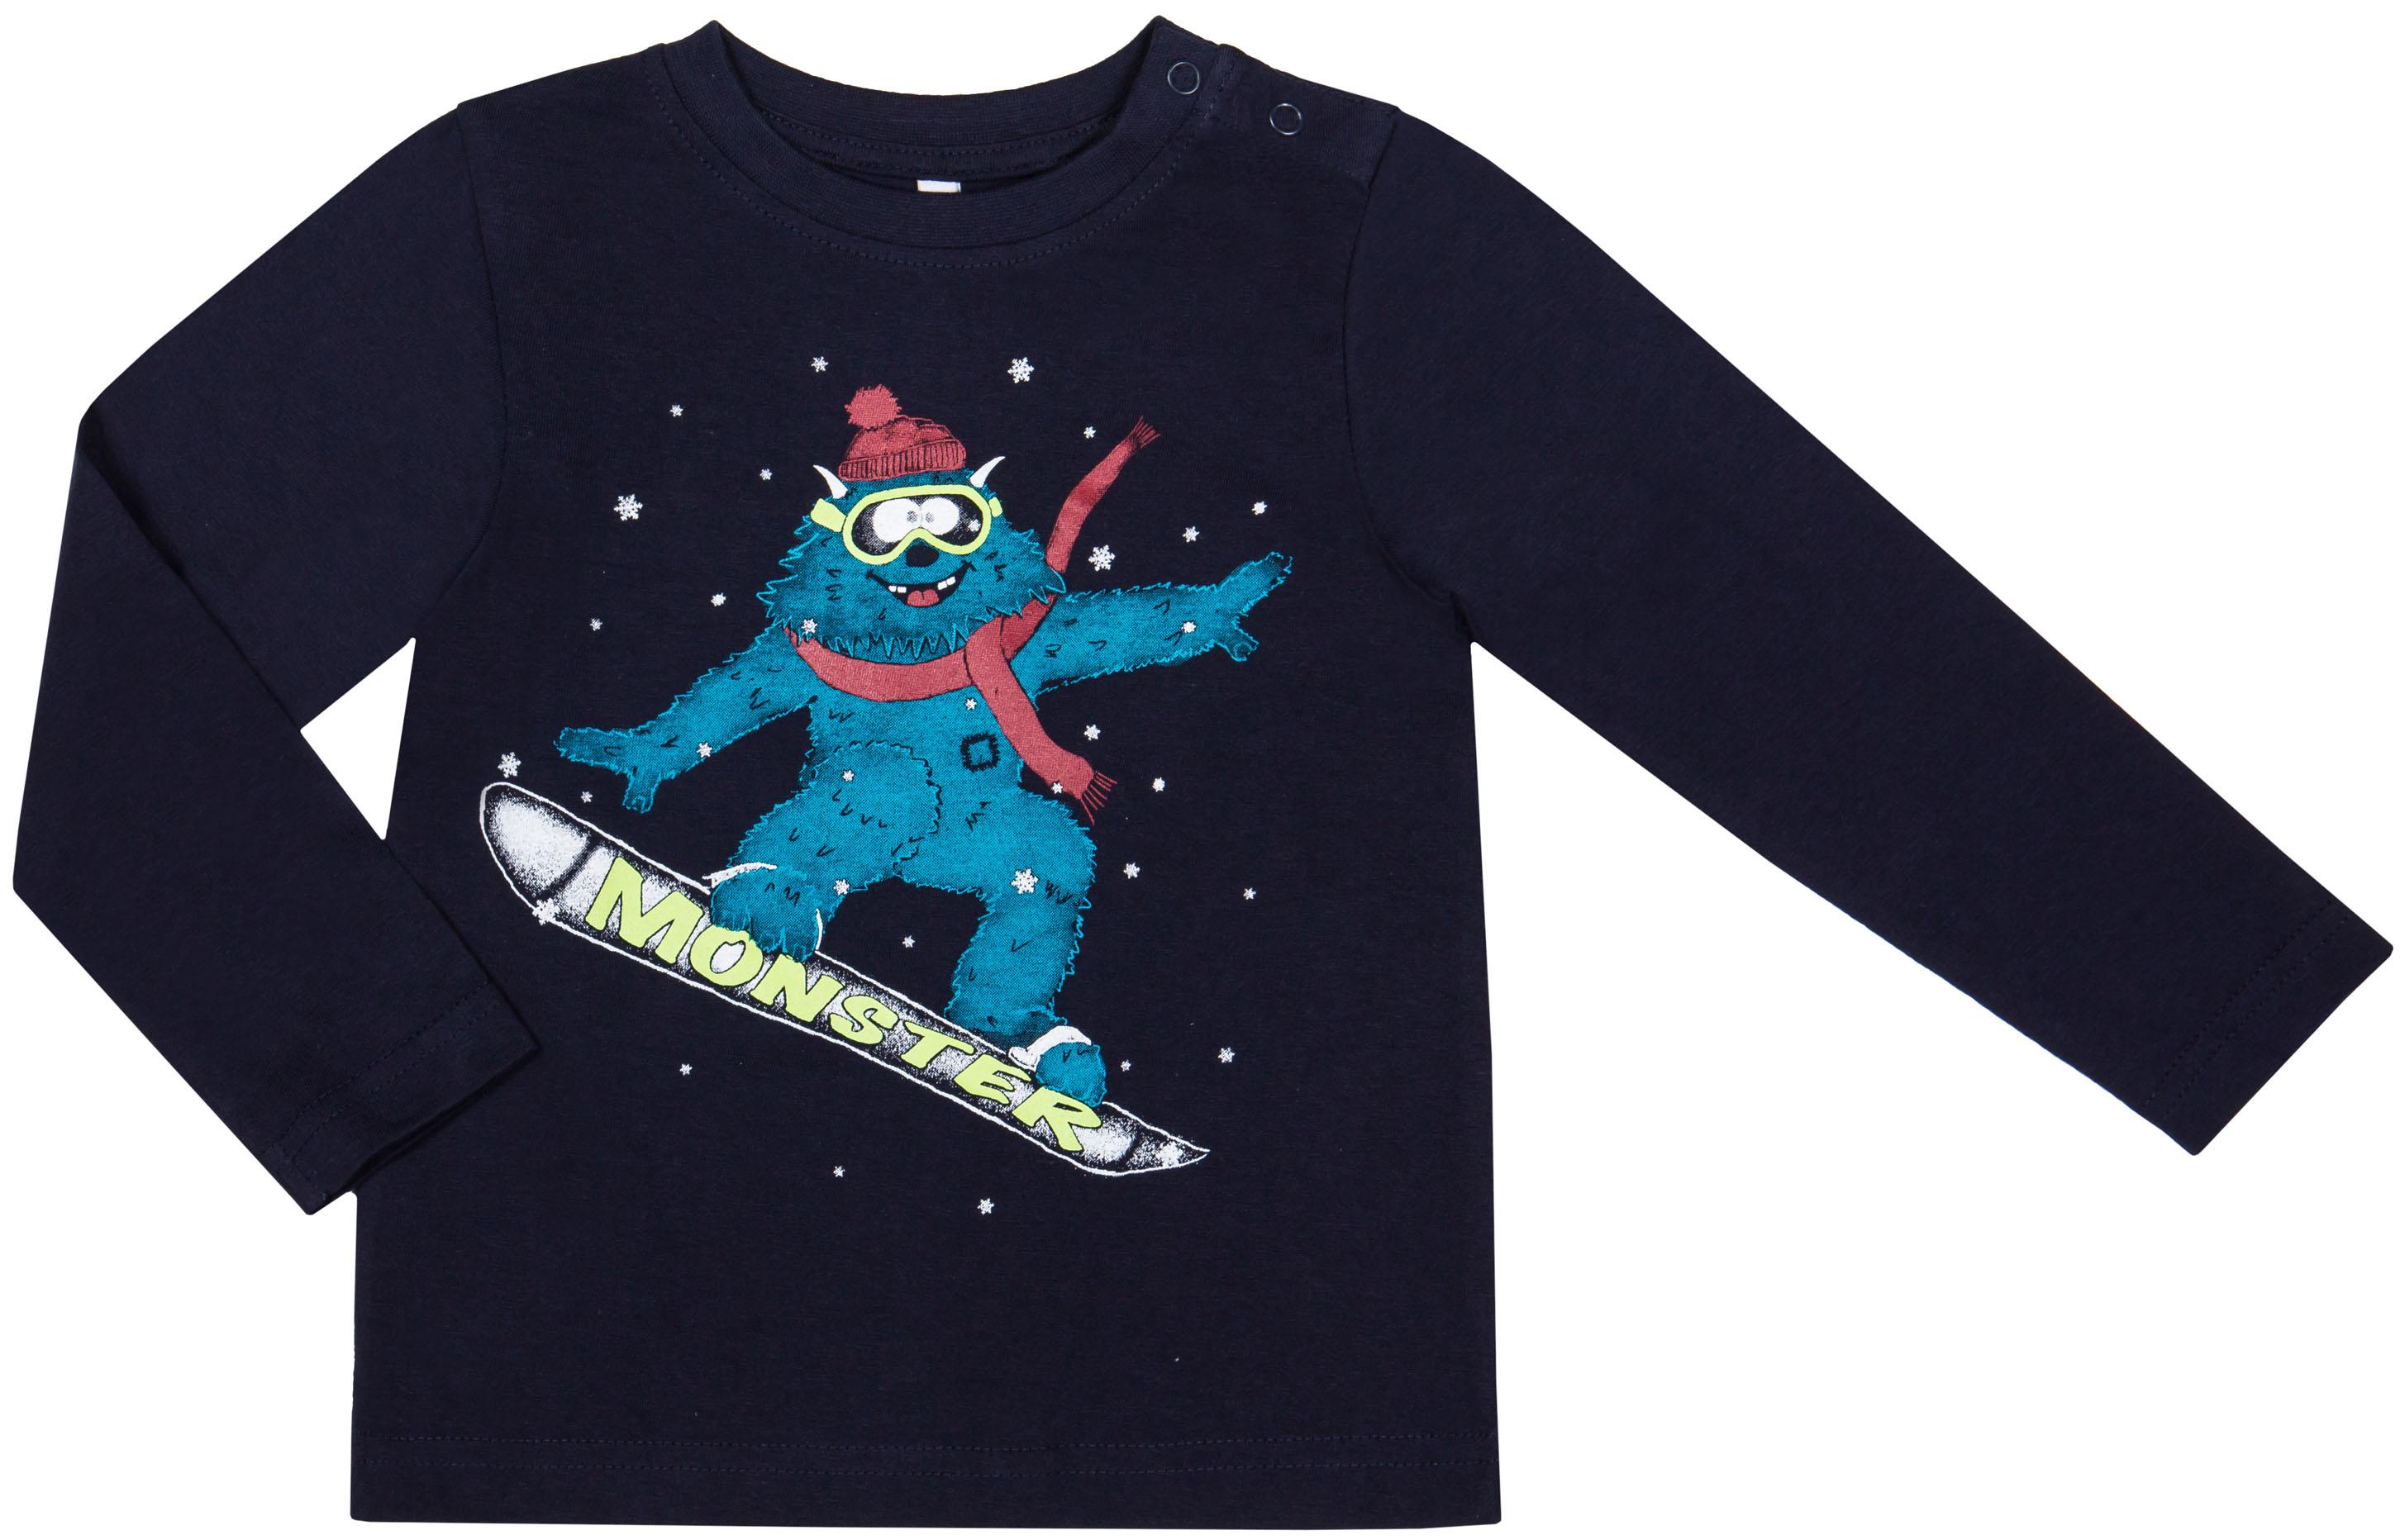 Футболки Barkito Космо-монстр футболки barkito футболка с длинным рукавом для мальчика barkito монстр трак синяя